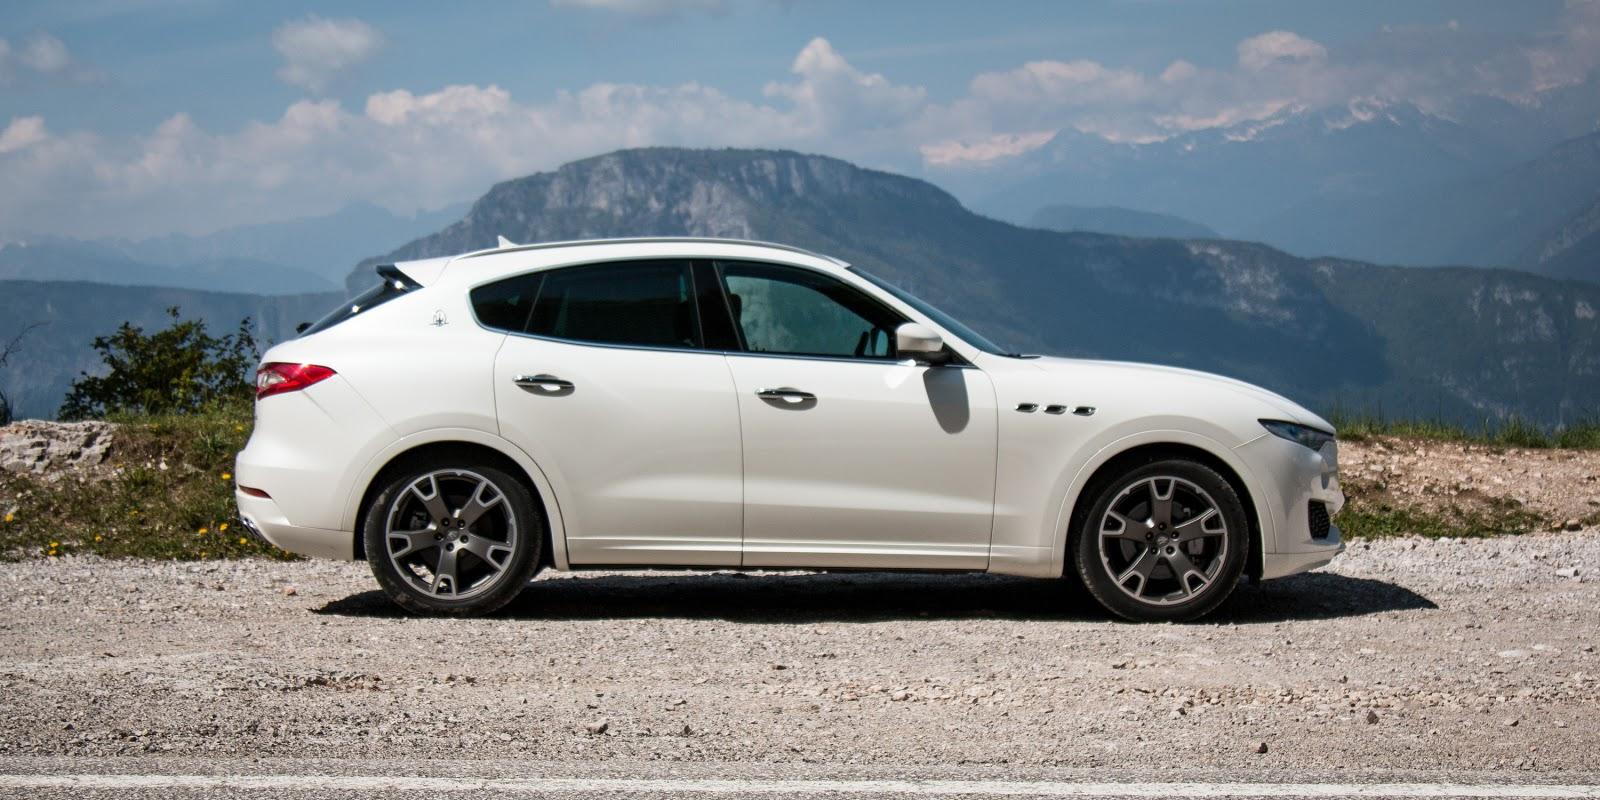 Có nhiều nét tương đồng trong thiết kế của Levante với Porsche